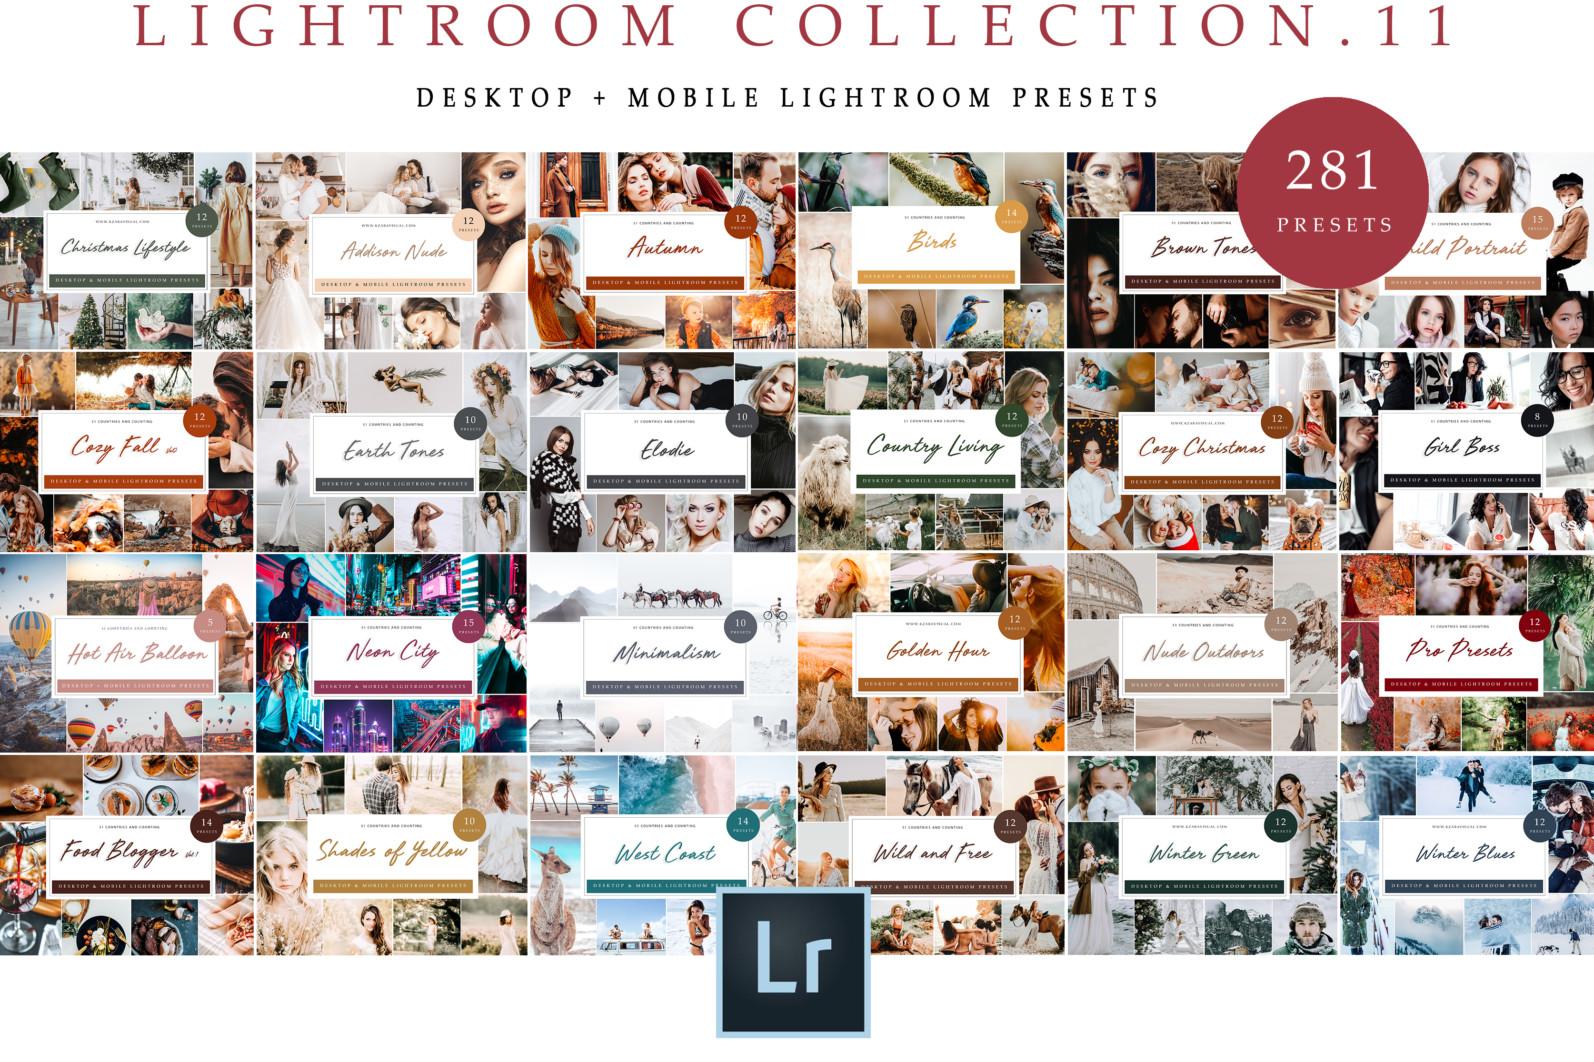 BUNDLE /// 281 x Lightroom Presets for Desktop // 24 Packs // Desktop and Mobile - Travel Collection 11 scaled -